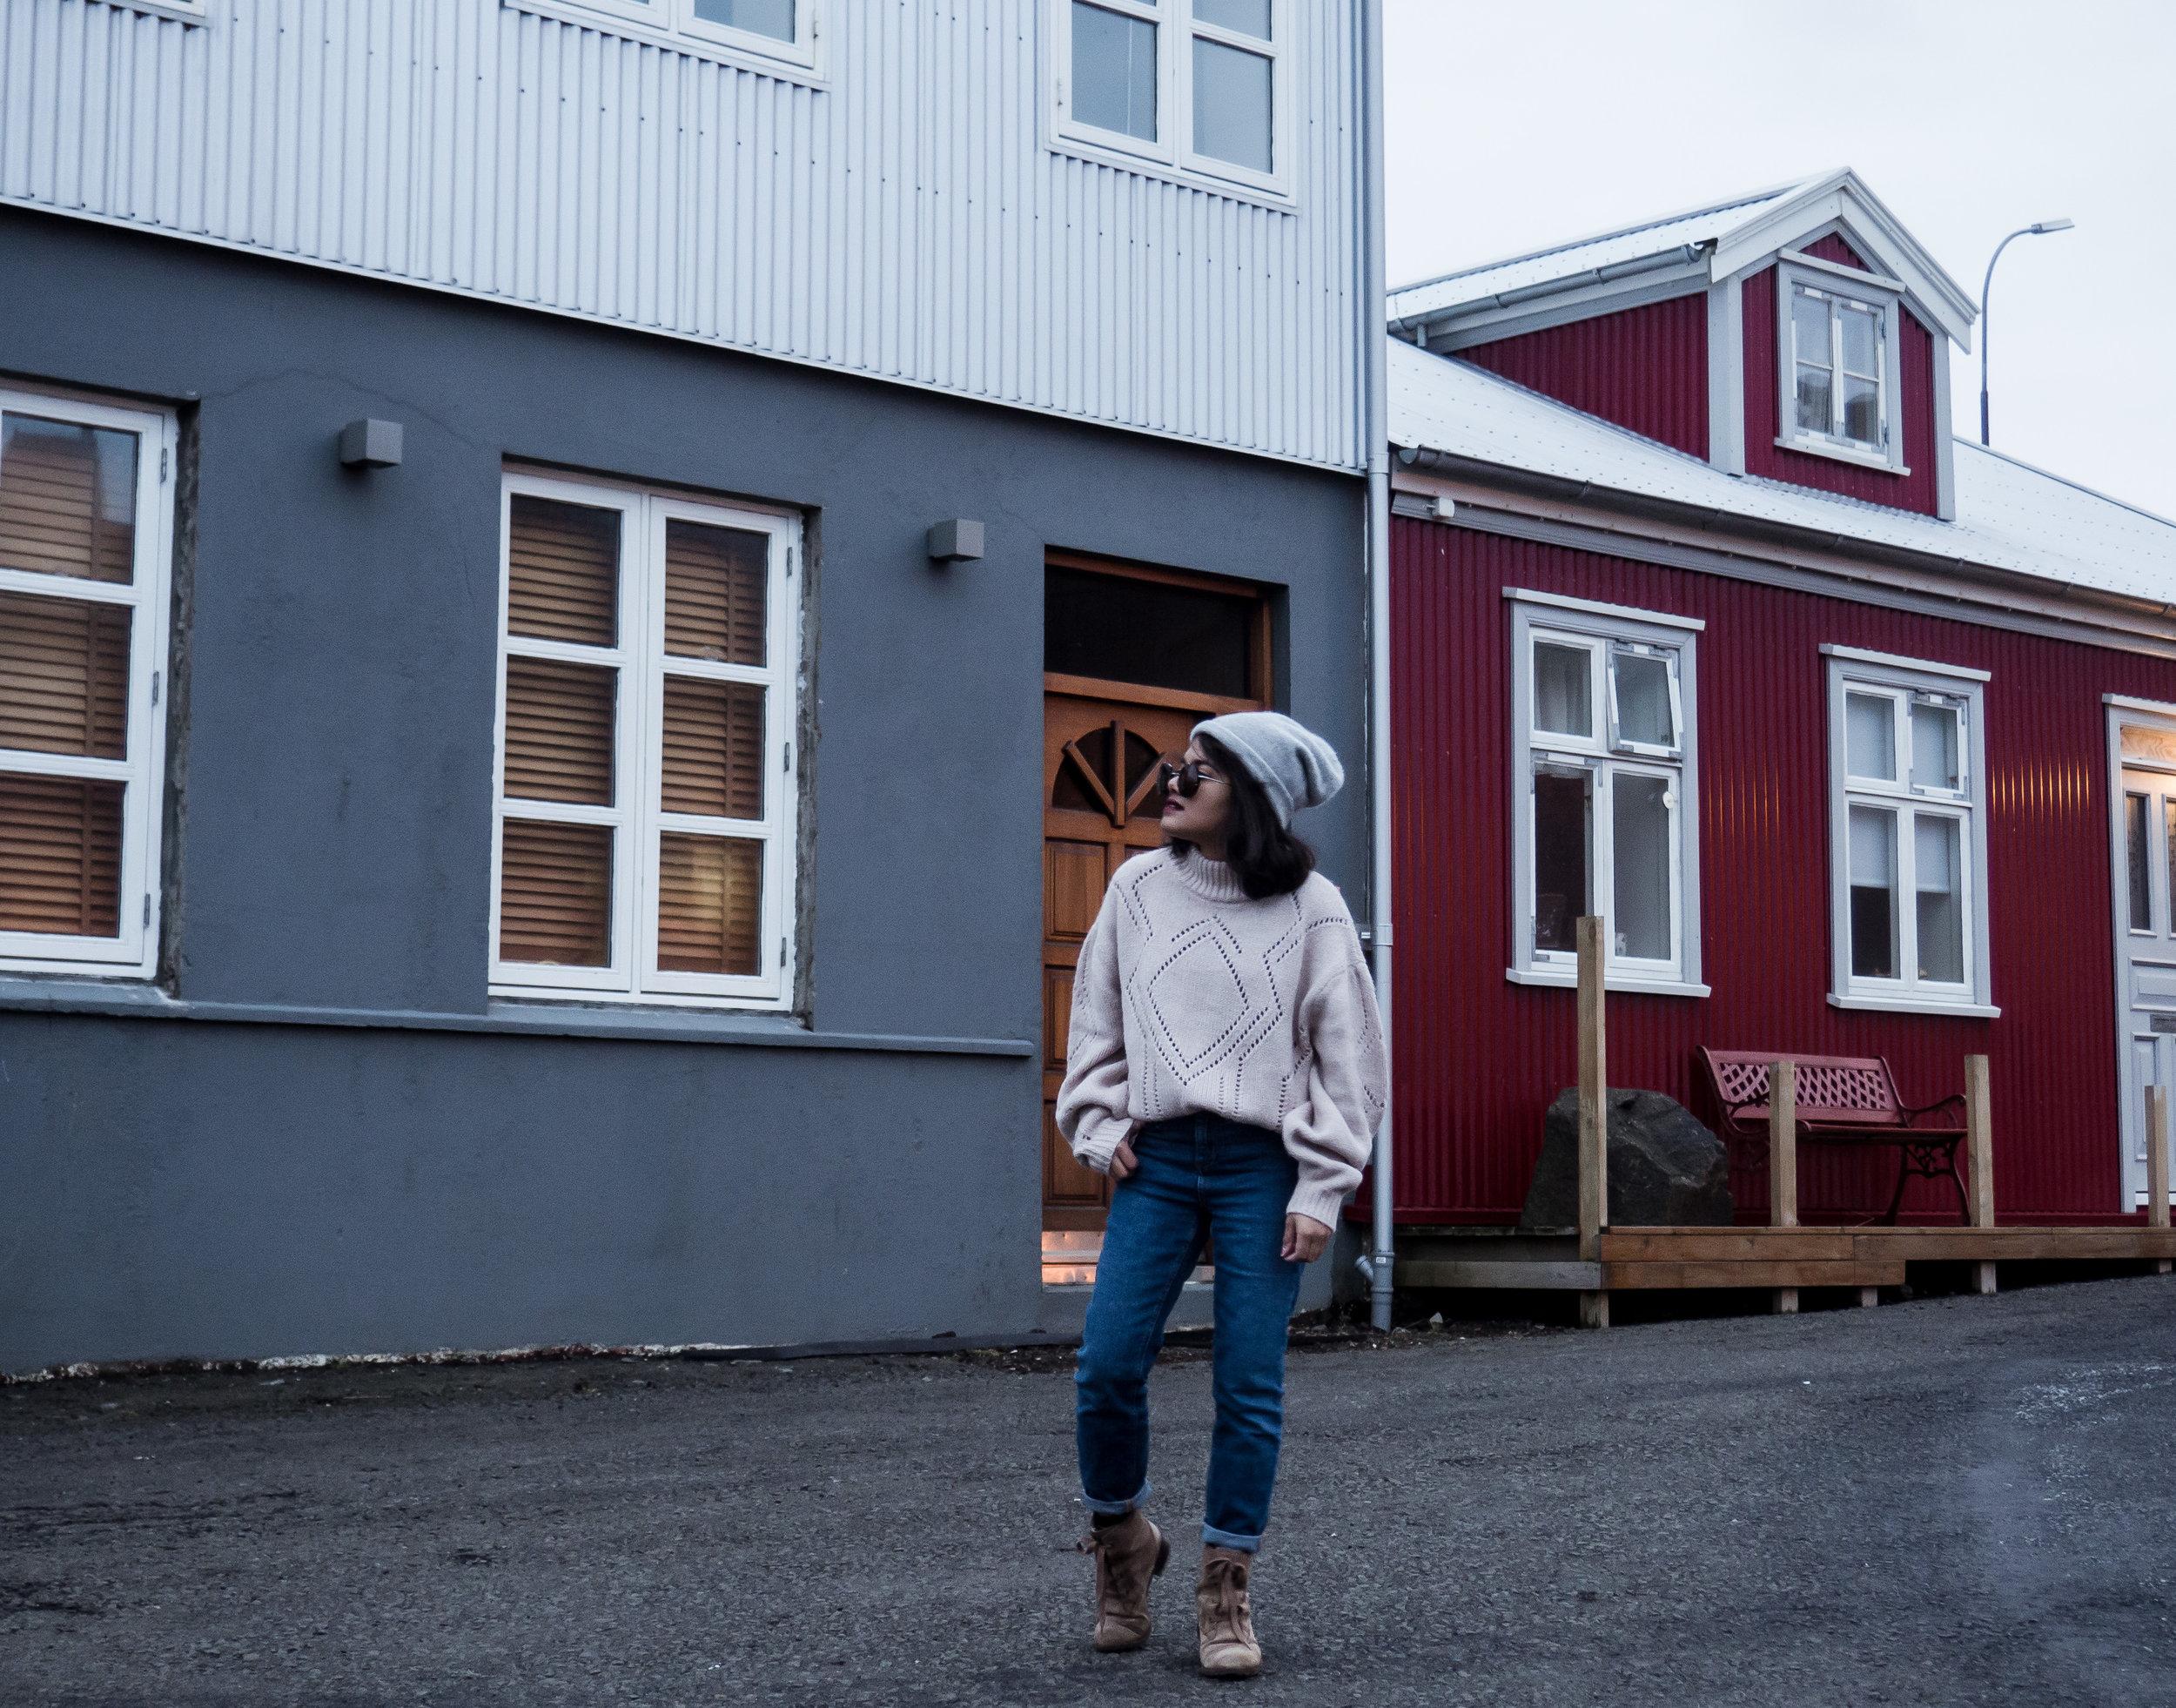 Wool Sweater in Styykisholmer-12.jpg